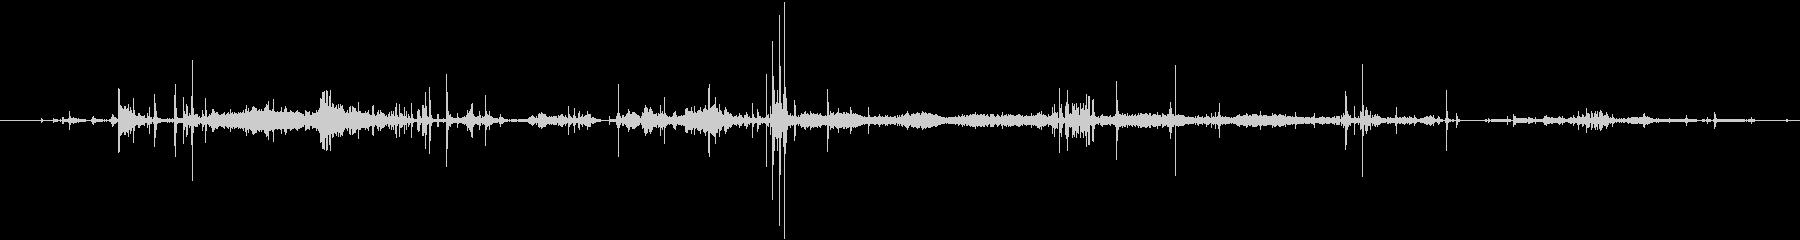 クロスカントリースキー:移動または...の未再生の波形